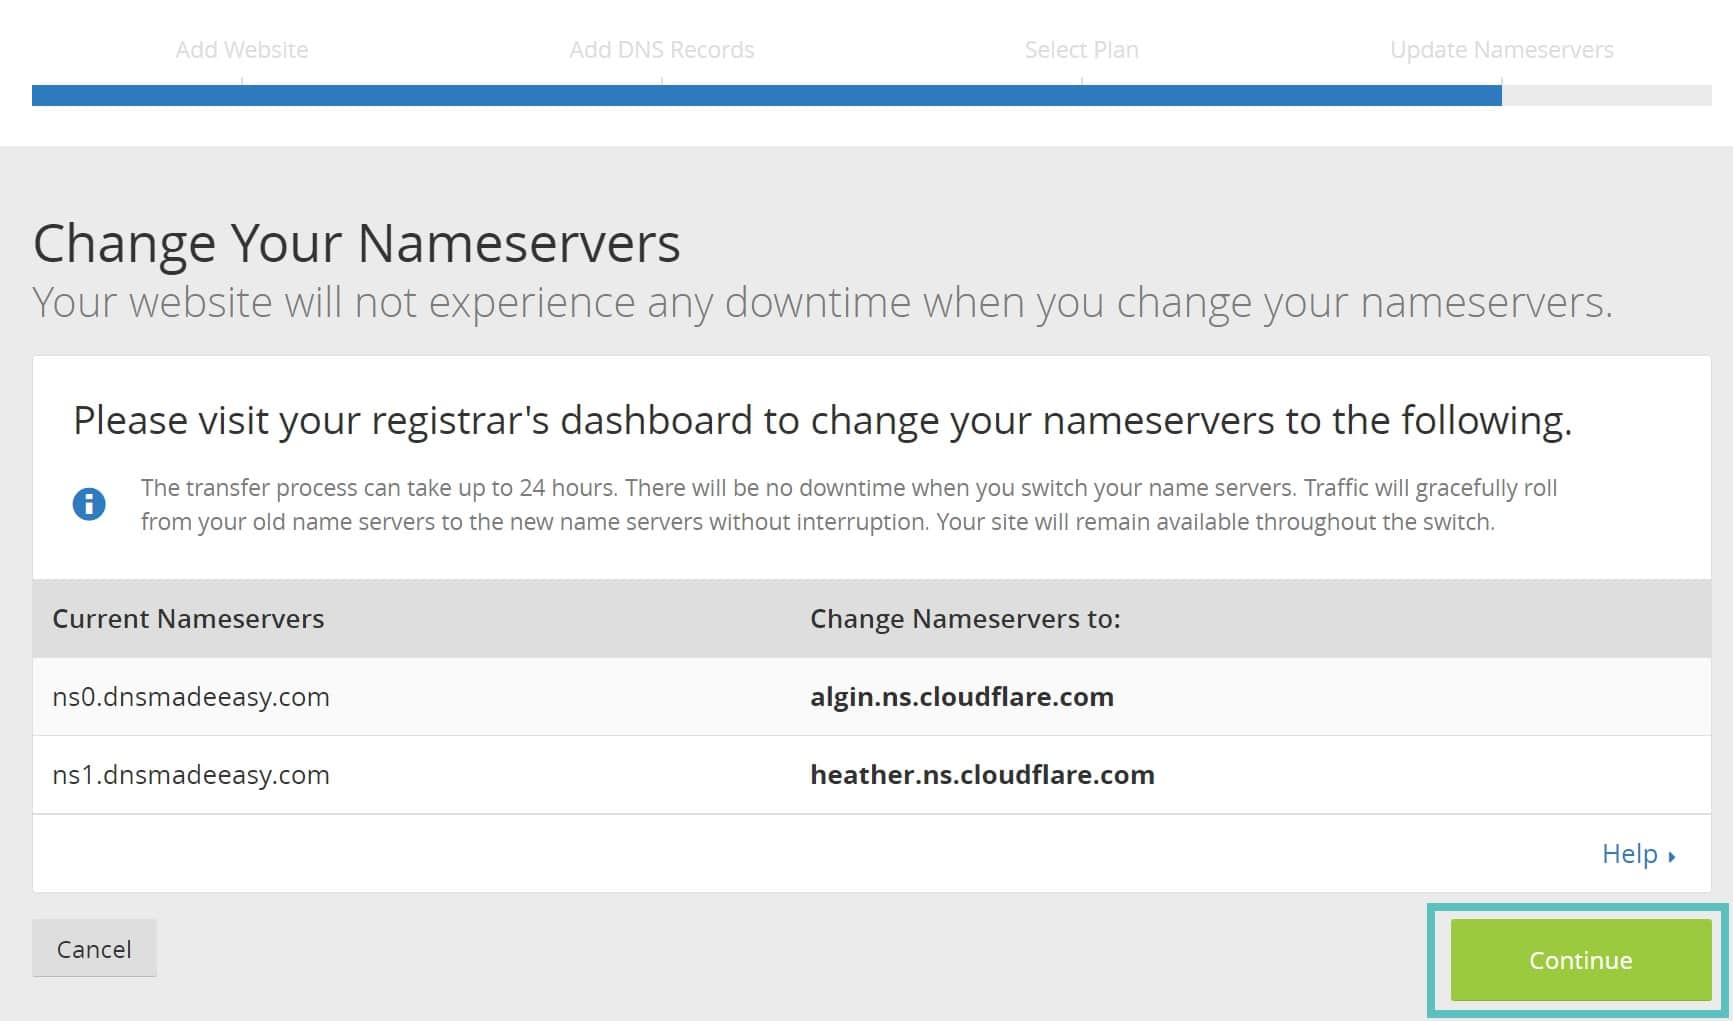 Alteração para os nameservers Cloudflare